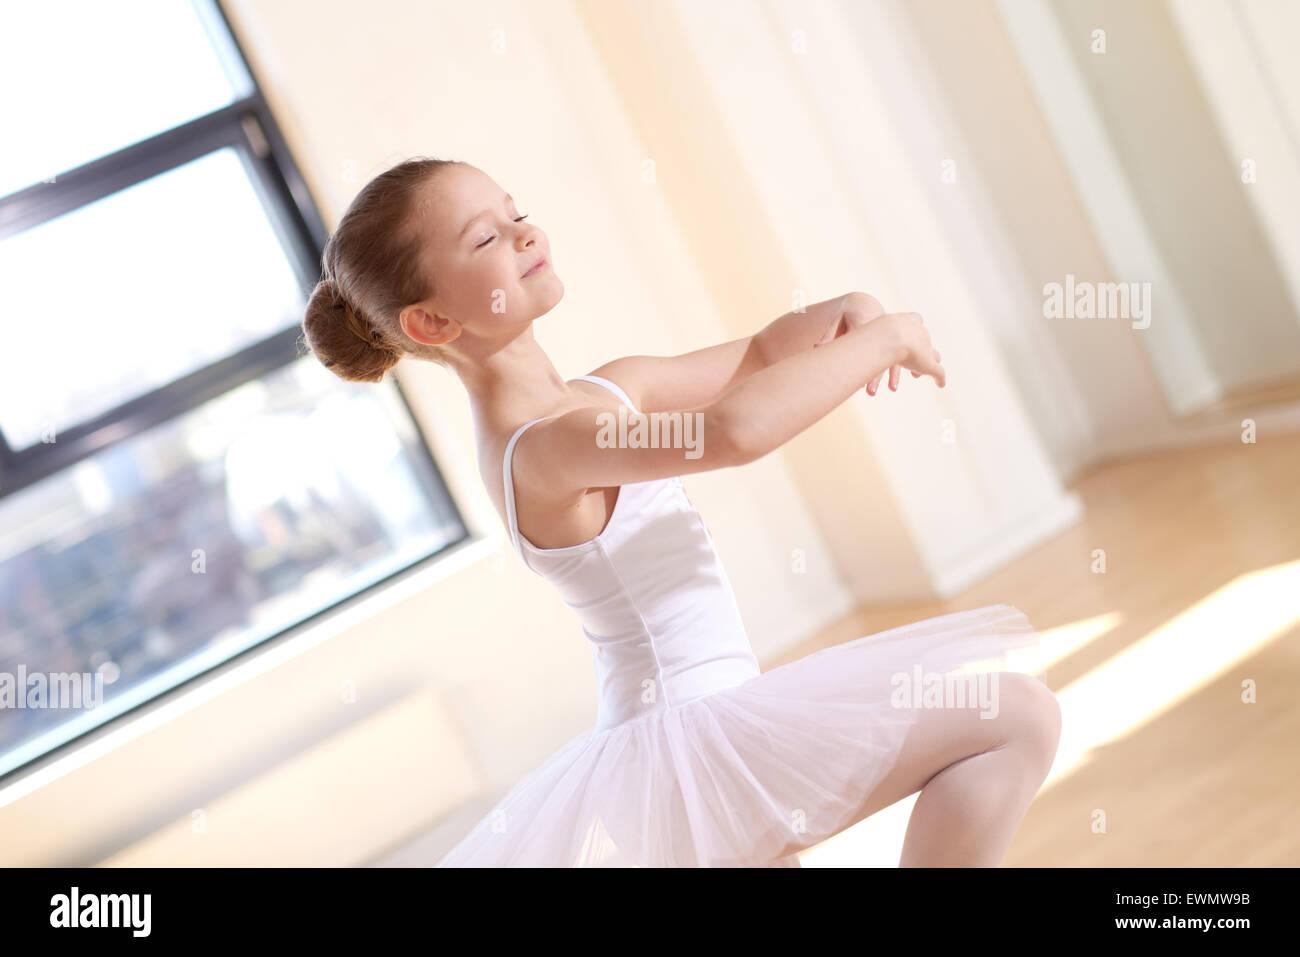 Sonriente niña bonita ballet en blanco tutu practicando un número de baile dentro del estudio por sí Imagen De Stock